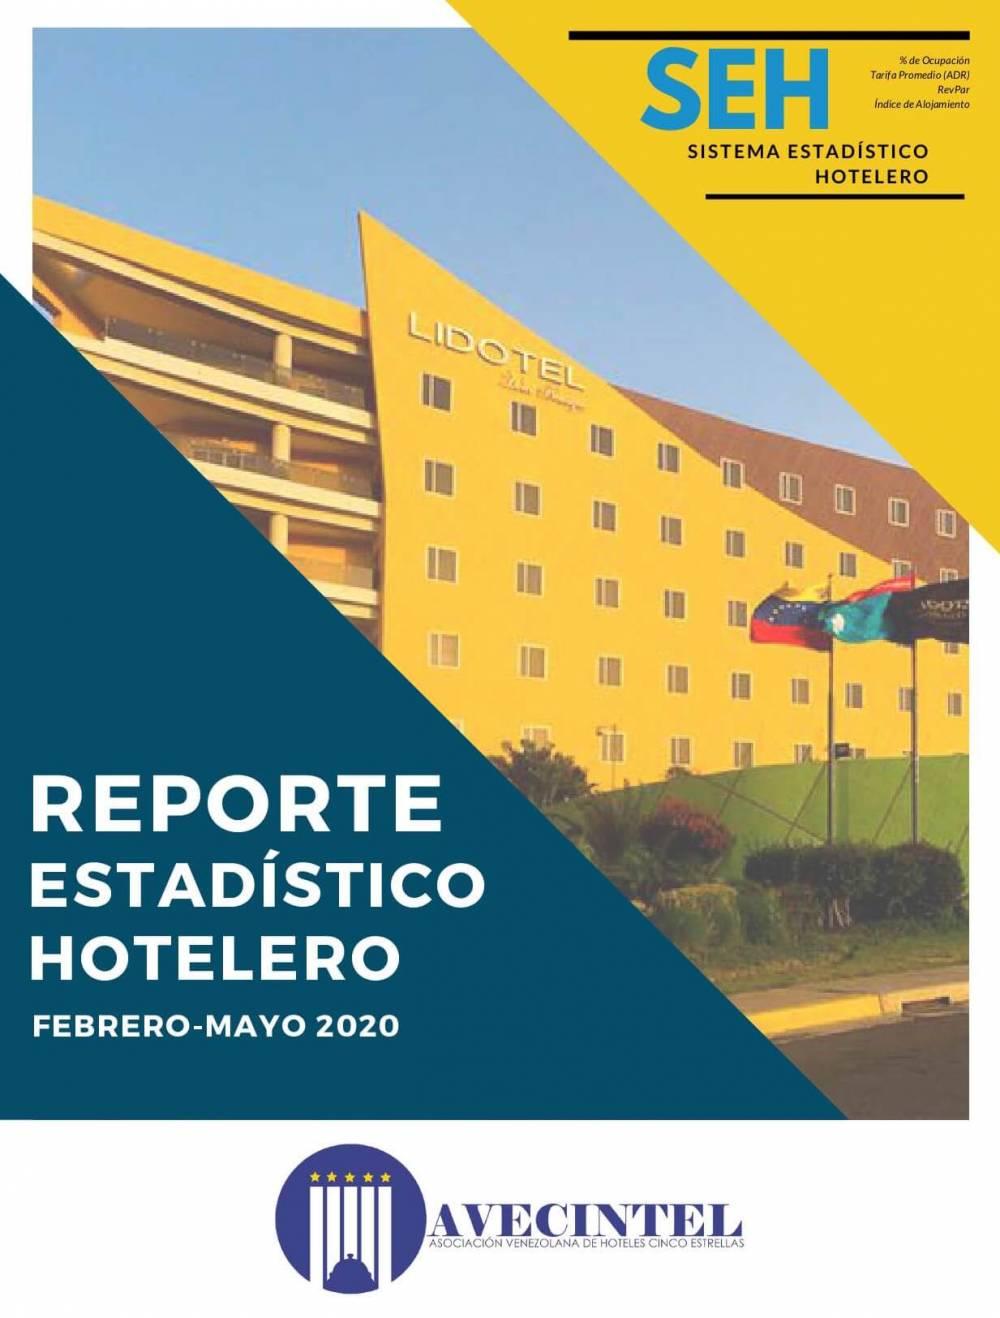 REPORTE ESTADÍSTICO HOTELERO DE AVECINTEL - FEBRERO-MAYO DE 2020